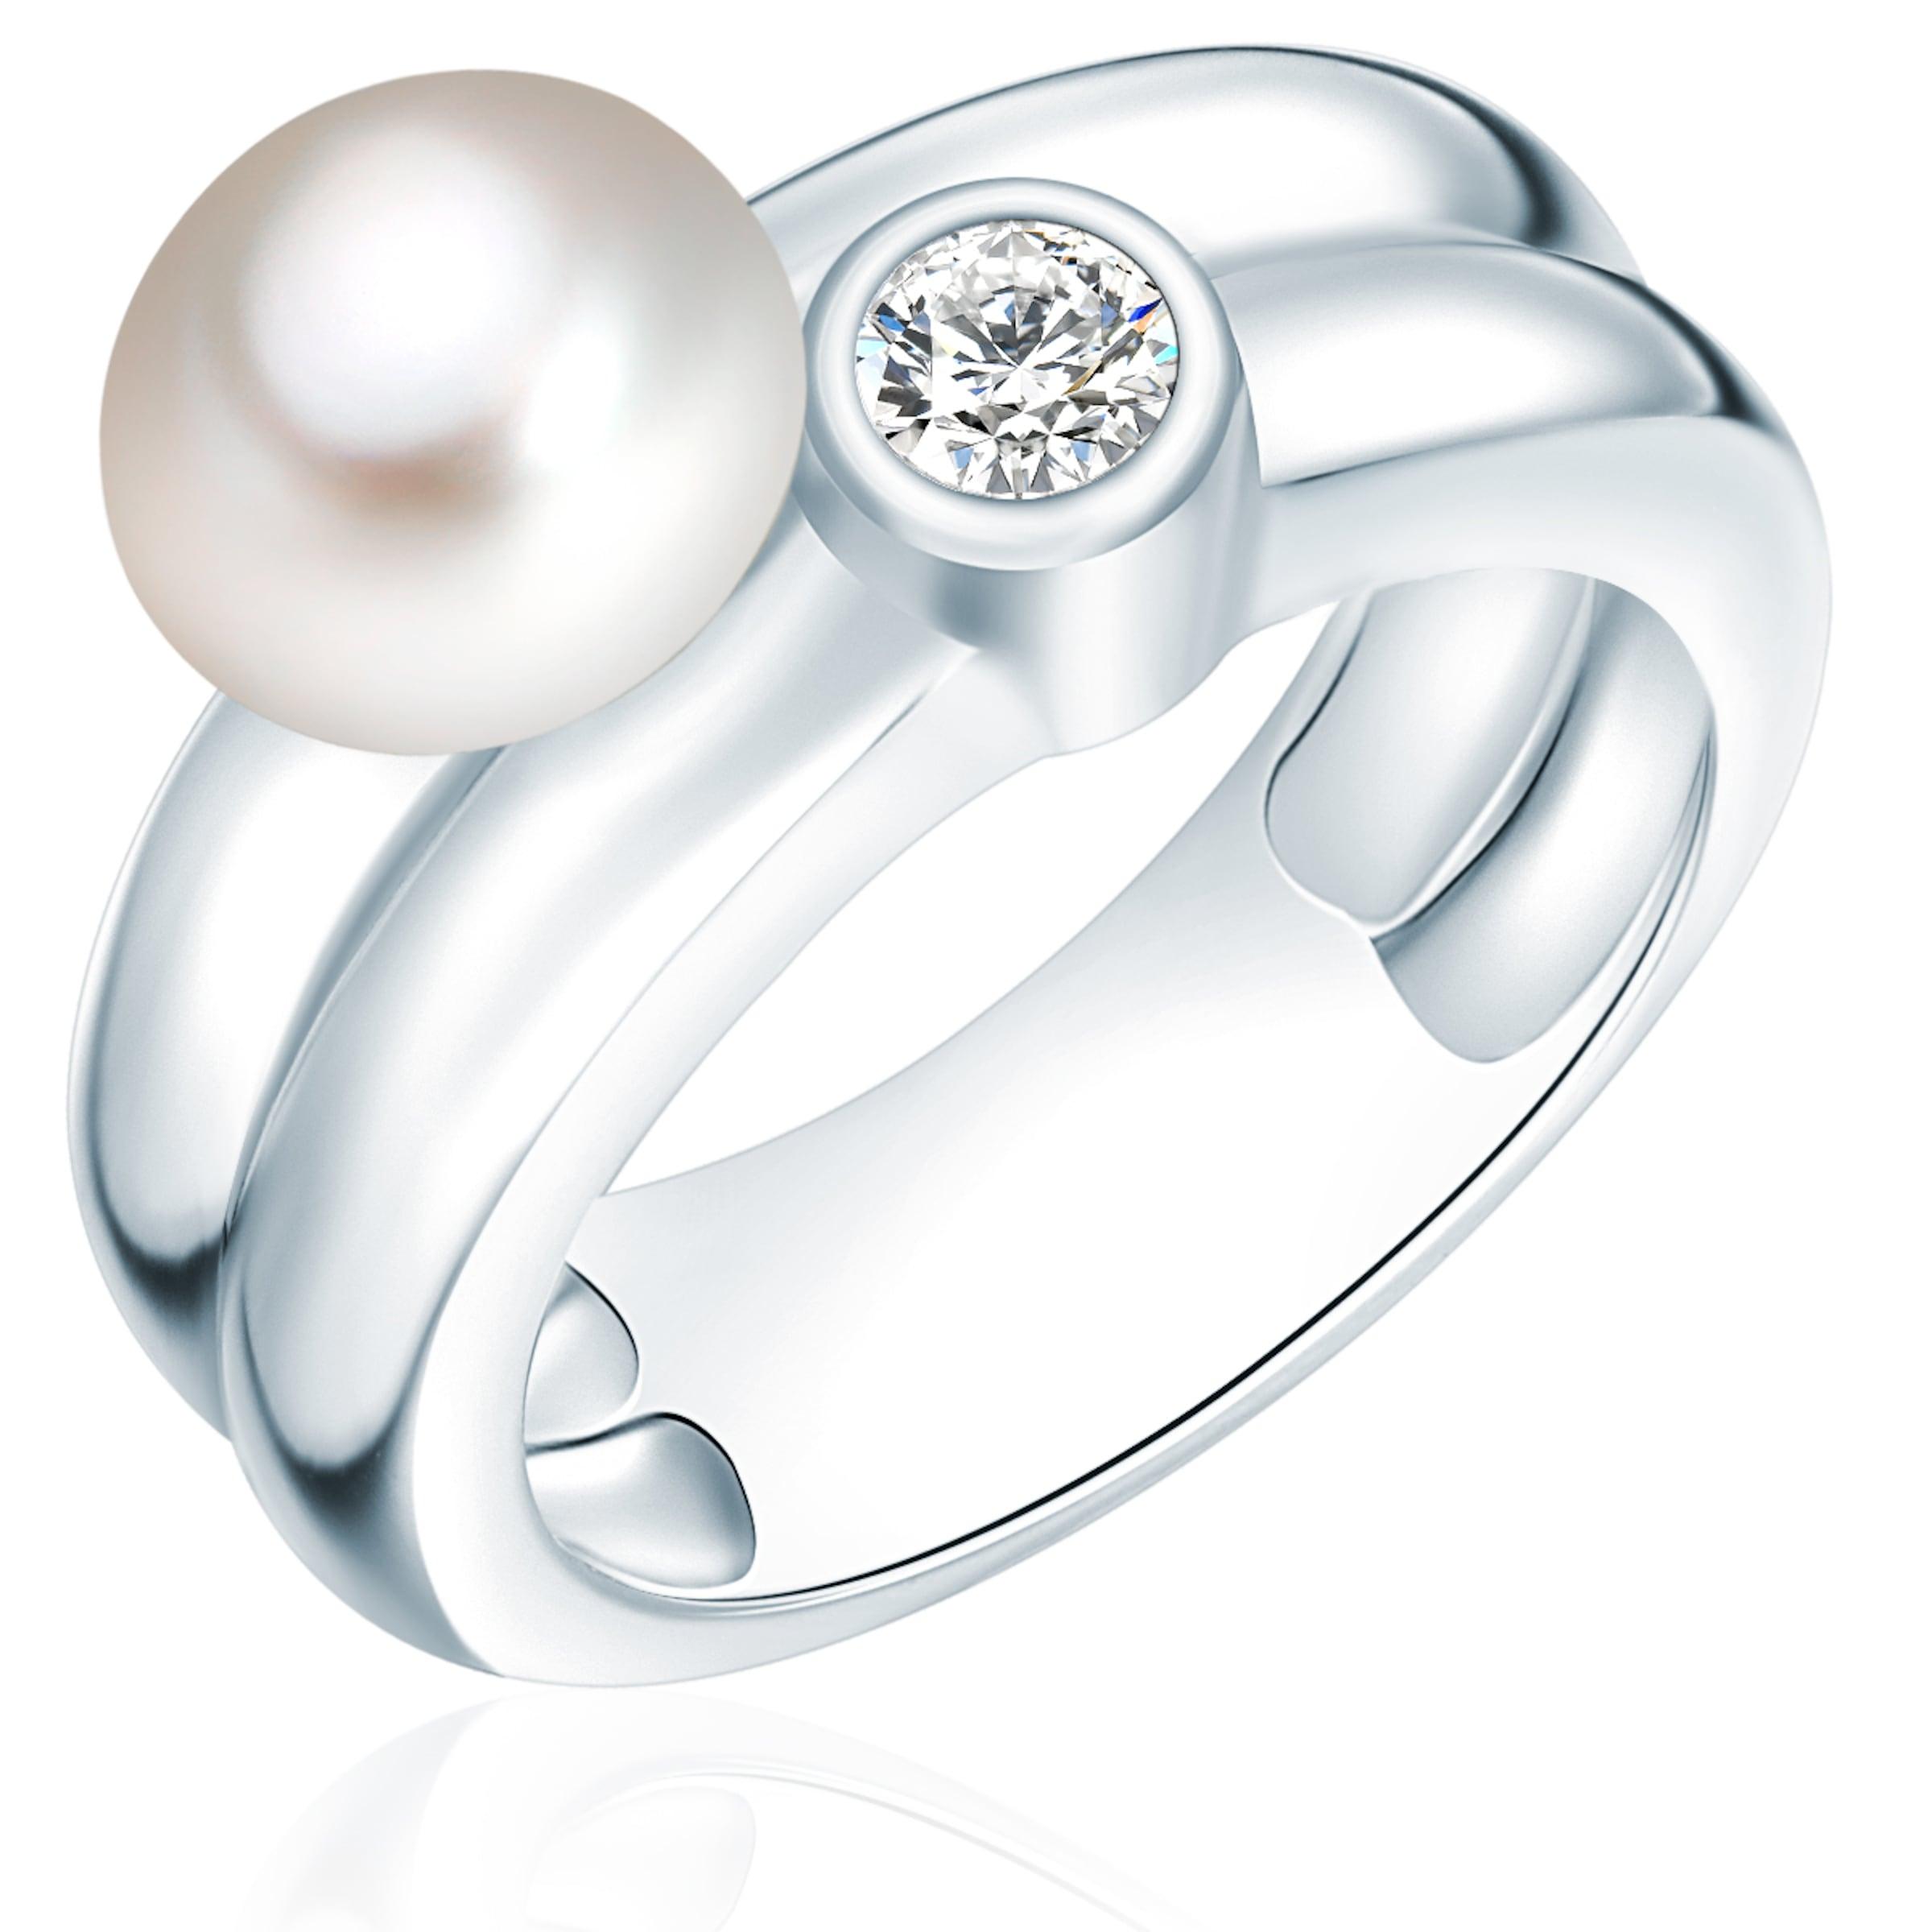 Rabatt-Codes Spielraum Store Billig Verkauf 2018 Neue Valero Pearls Ring Aussicht Billig Verkauf Extrem Schlussverkauf PQqWT0J